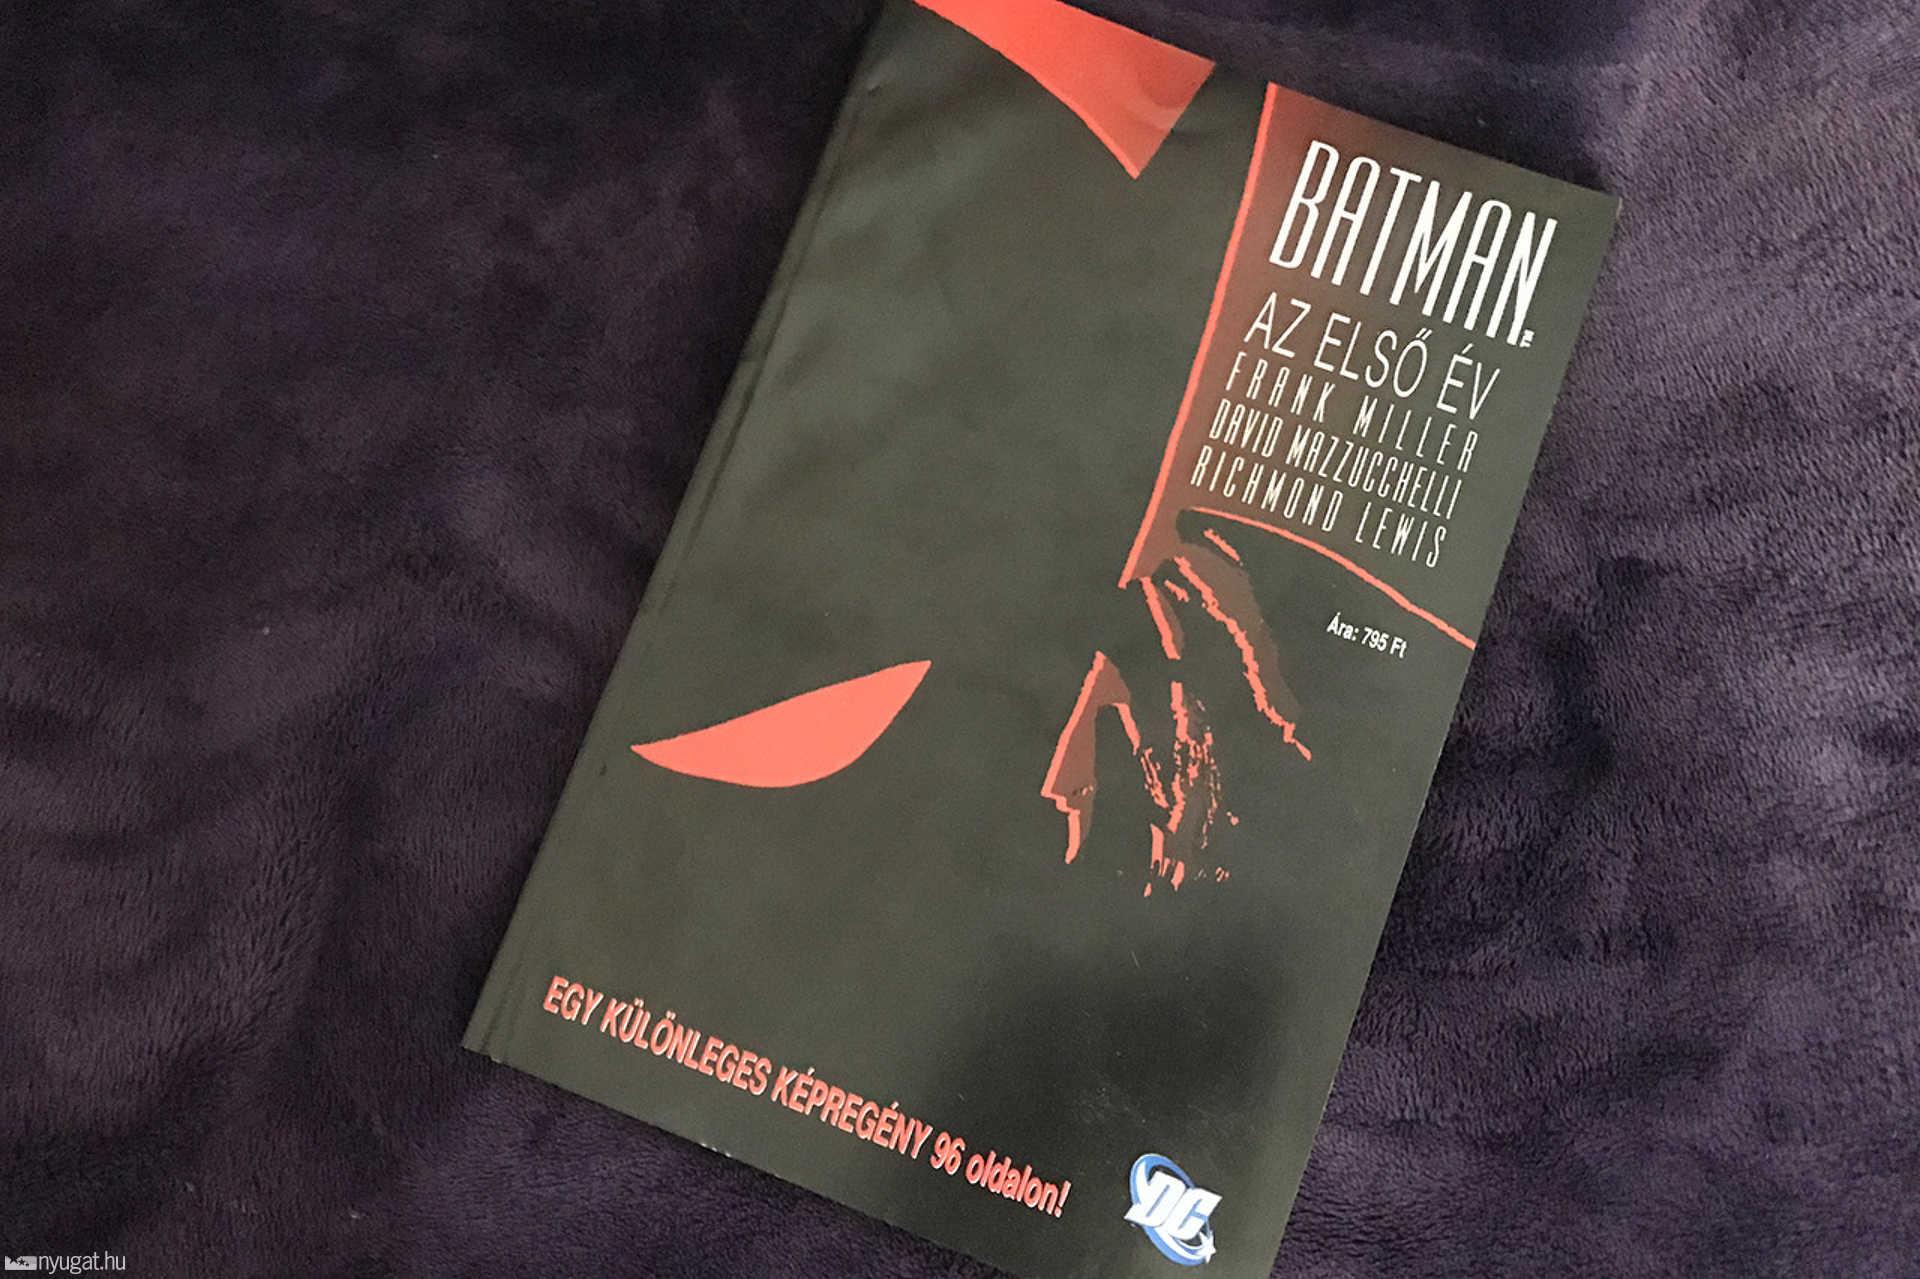 Batman Első Év